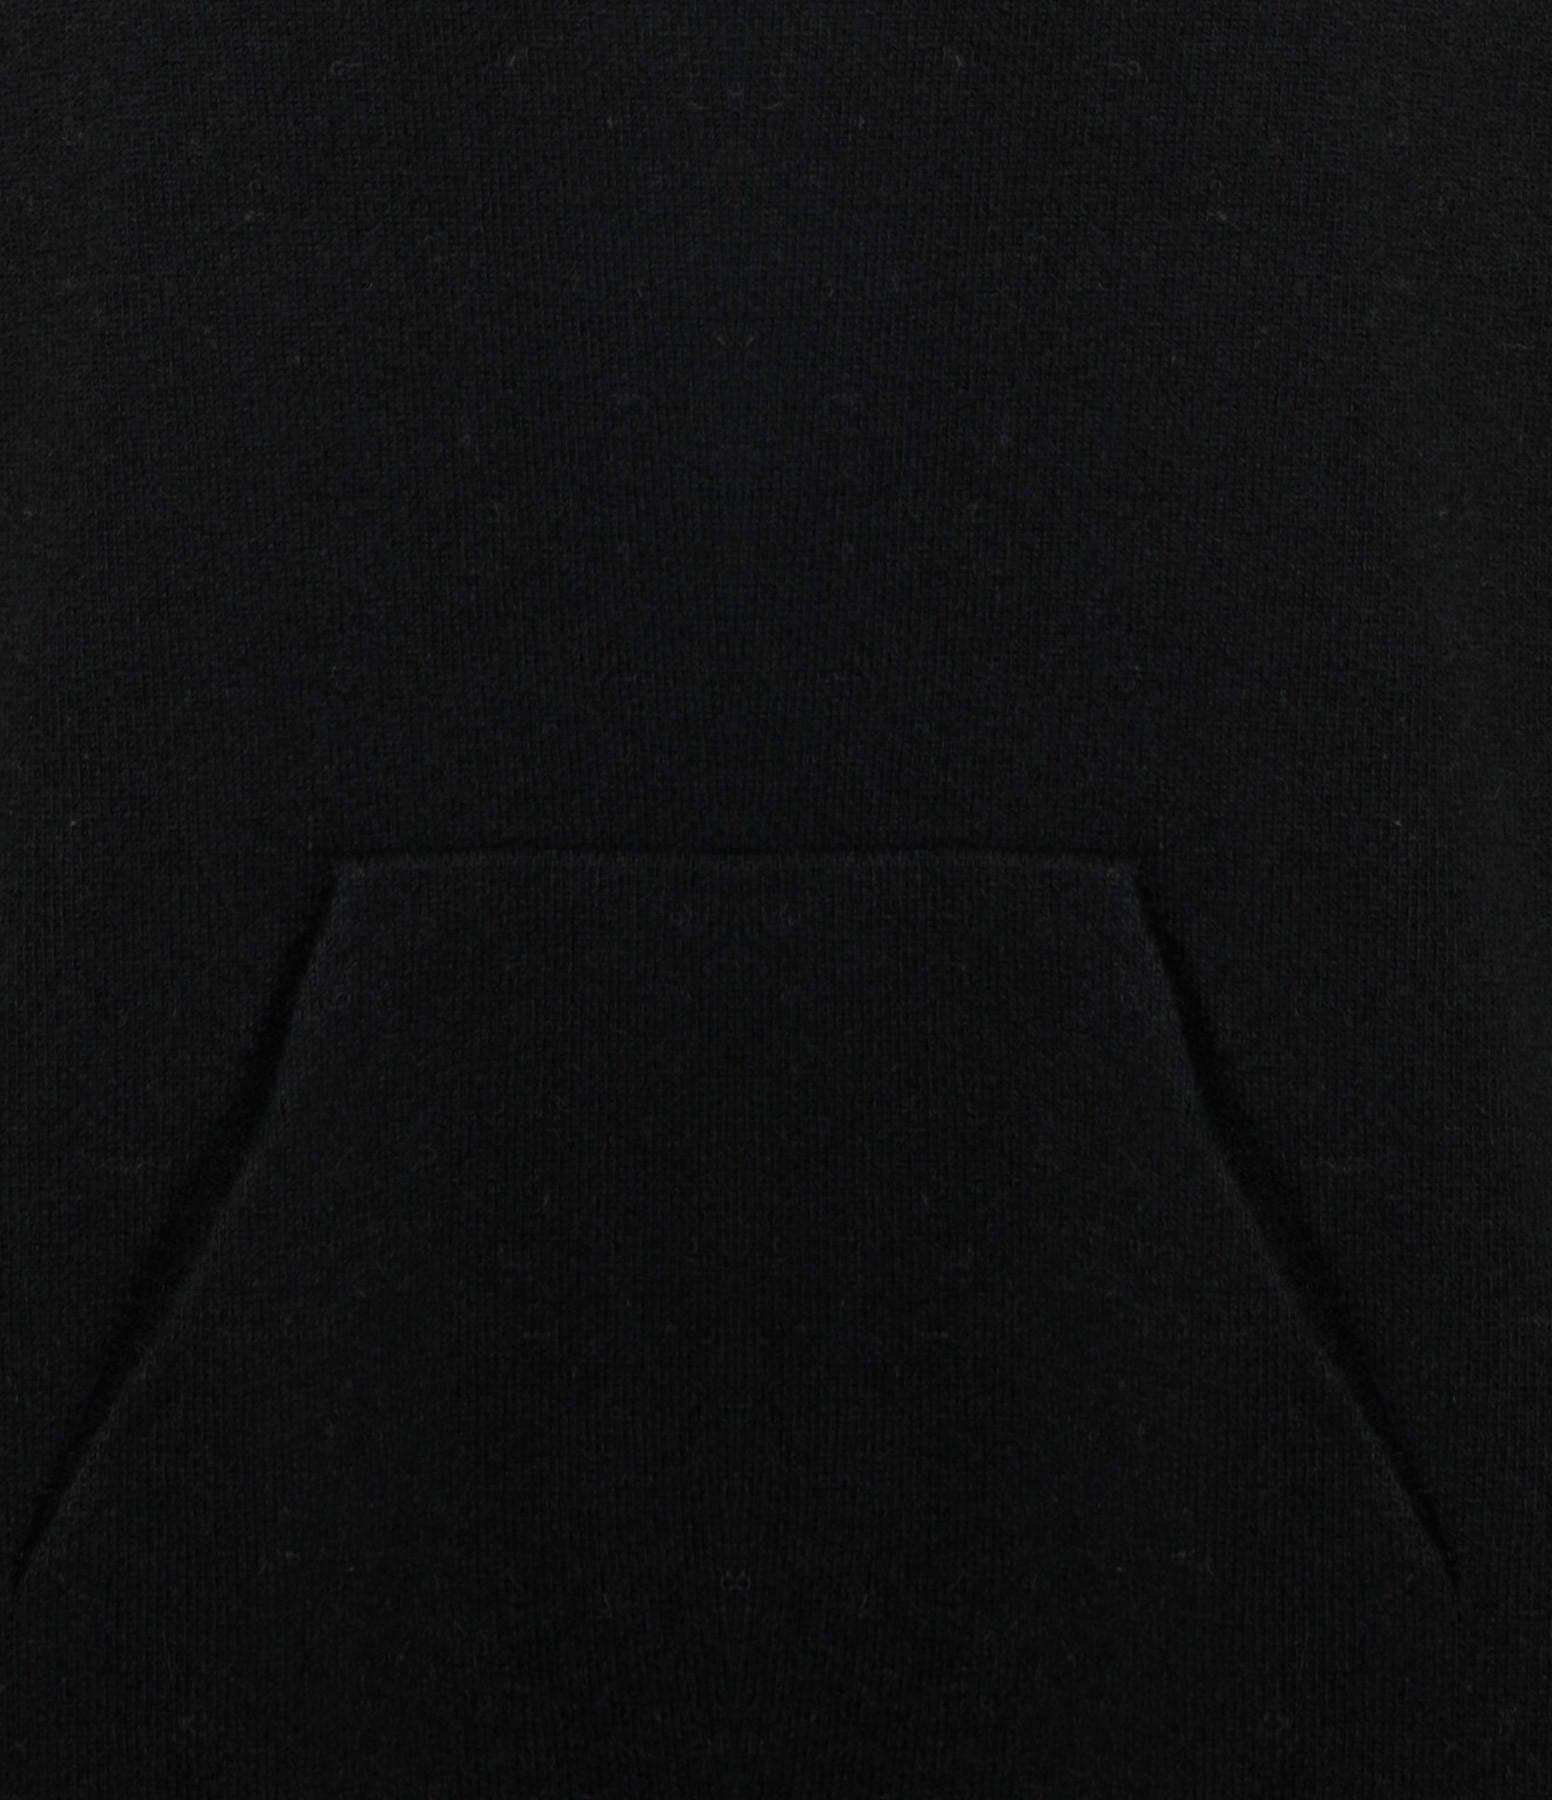 MAEVY CONCEPT - Pull Pure Cachemire Laine Noir